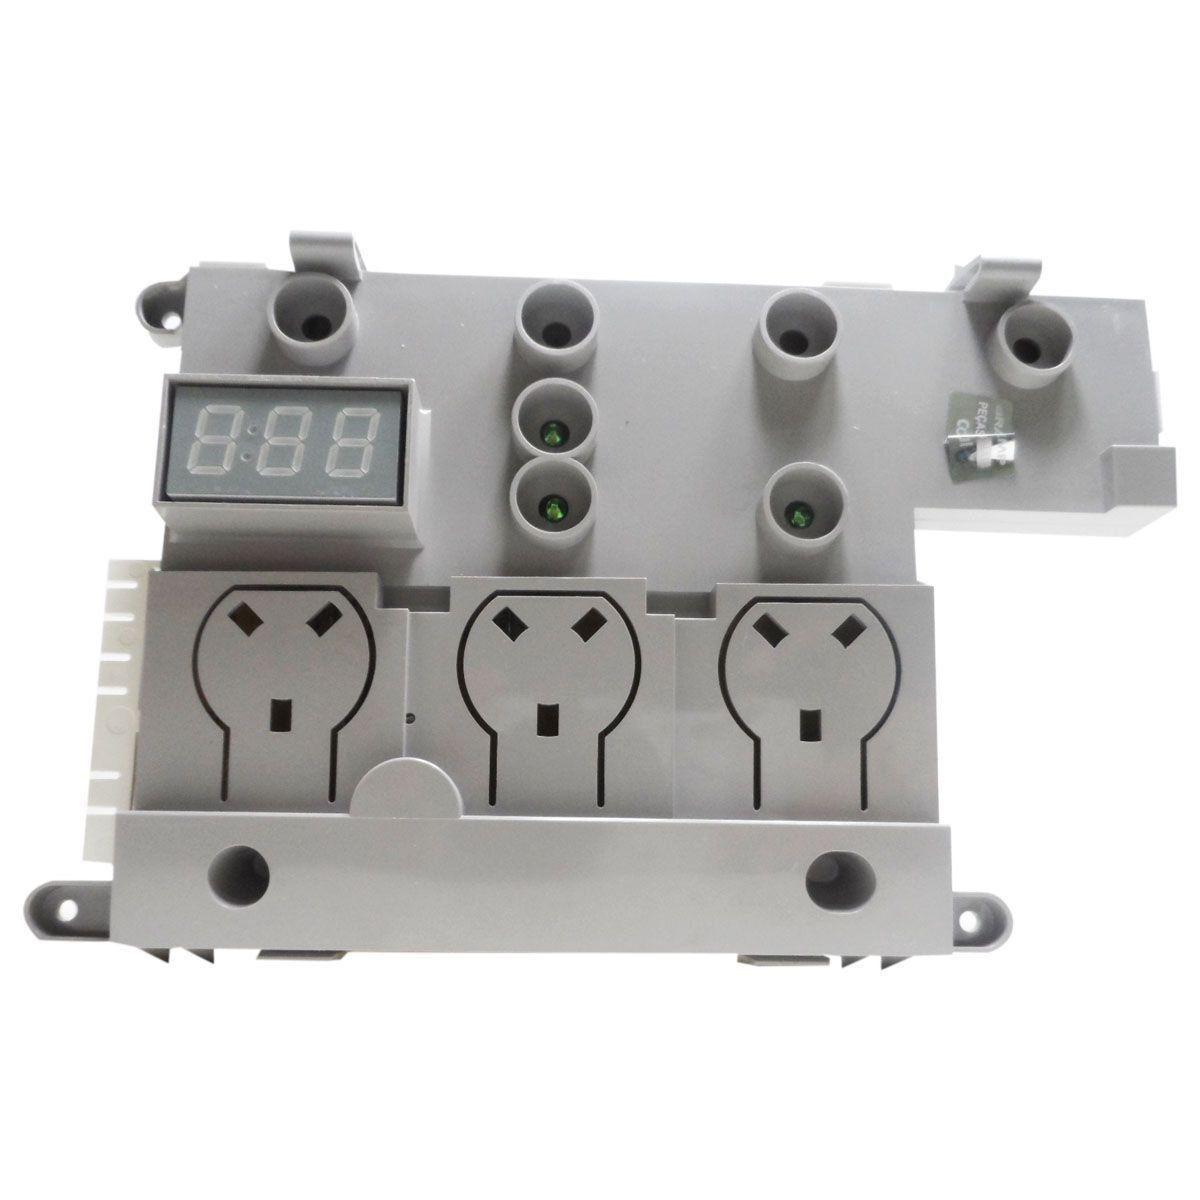 Placa Eletrônica Interface Lava Louça Brastemp Bivolt 326051861